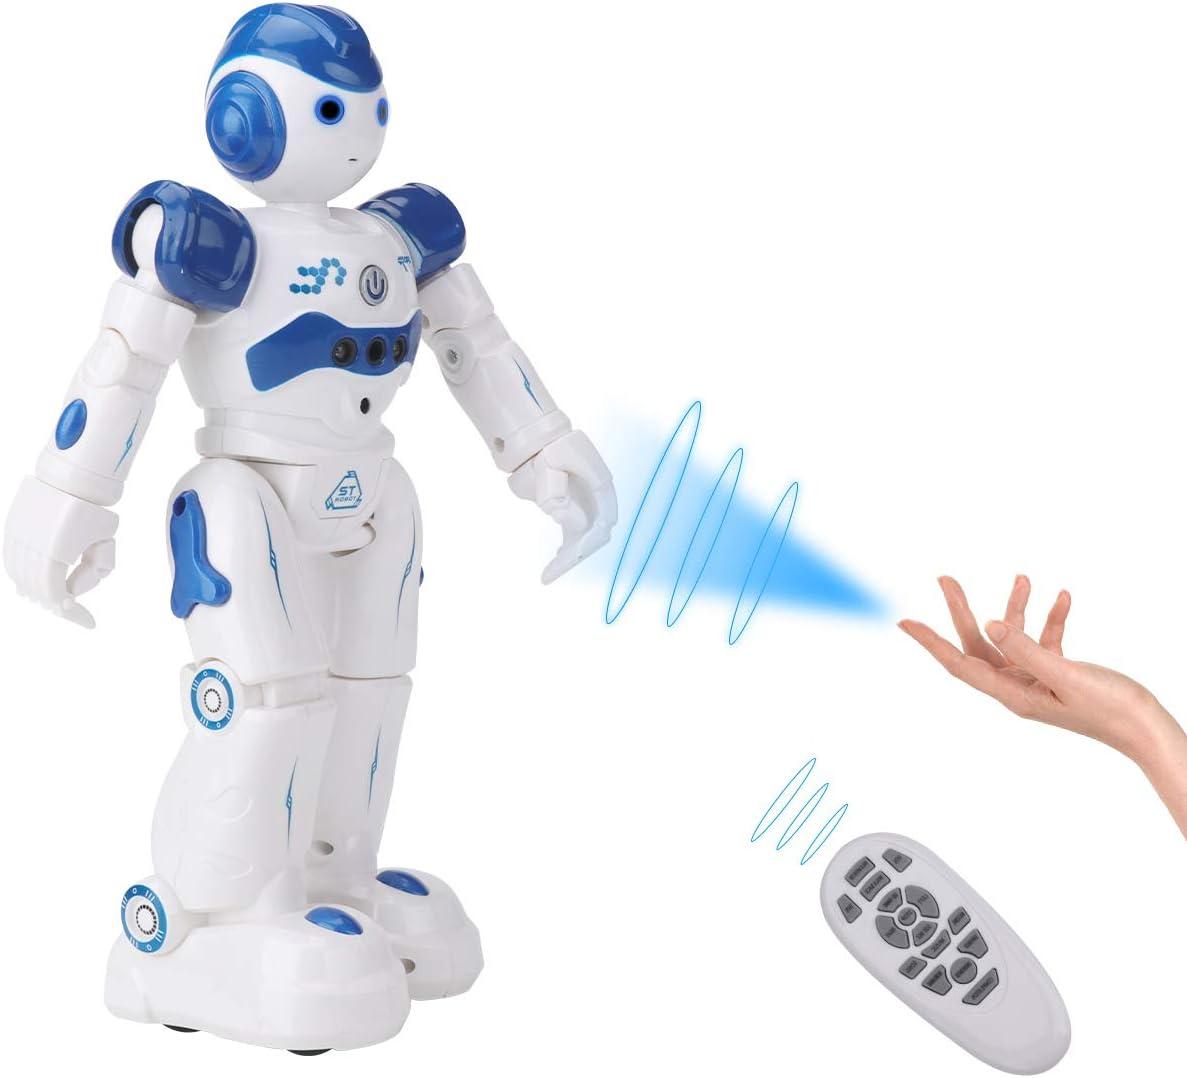 SUNCLAY Robot Juguete, Programable Juguete Educativos, Radiocontrol y Gesto Control Robot, Múltiples Funciones para Cantar Bailar y Aprender, Imita la Voz, Ideales para niños (Azul)